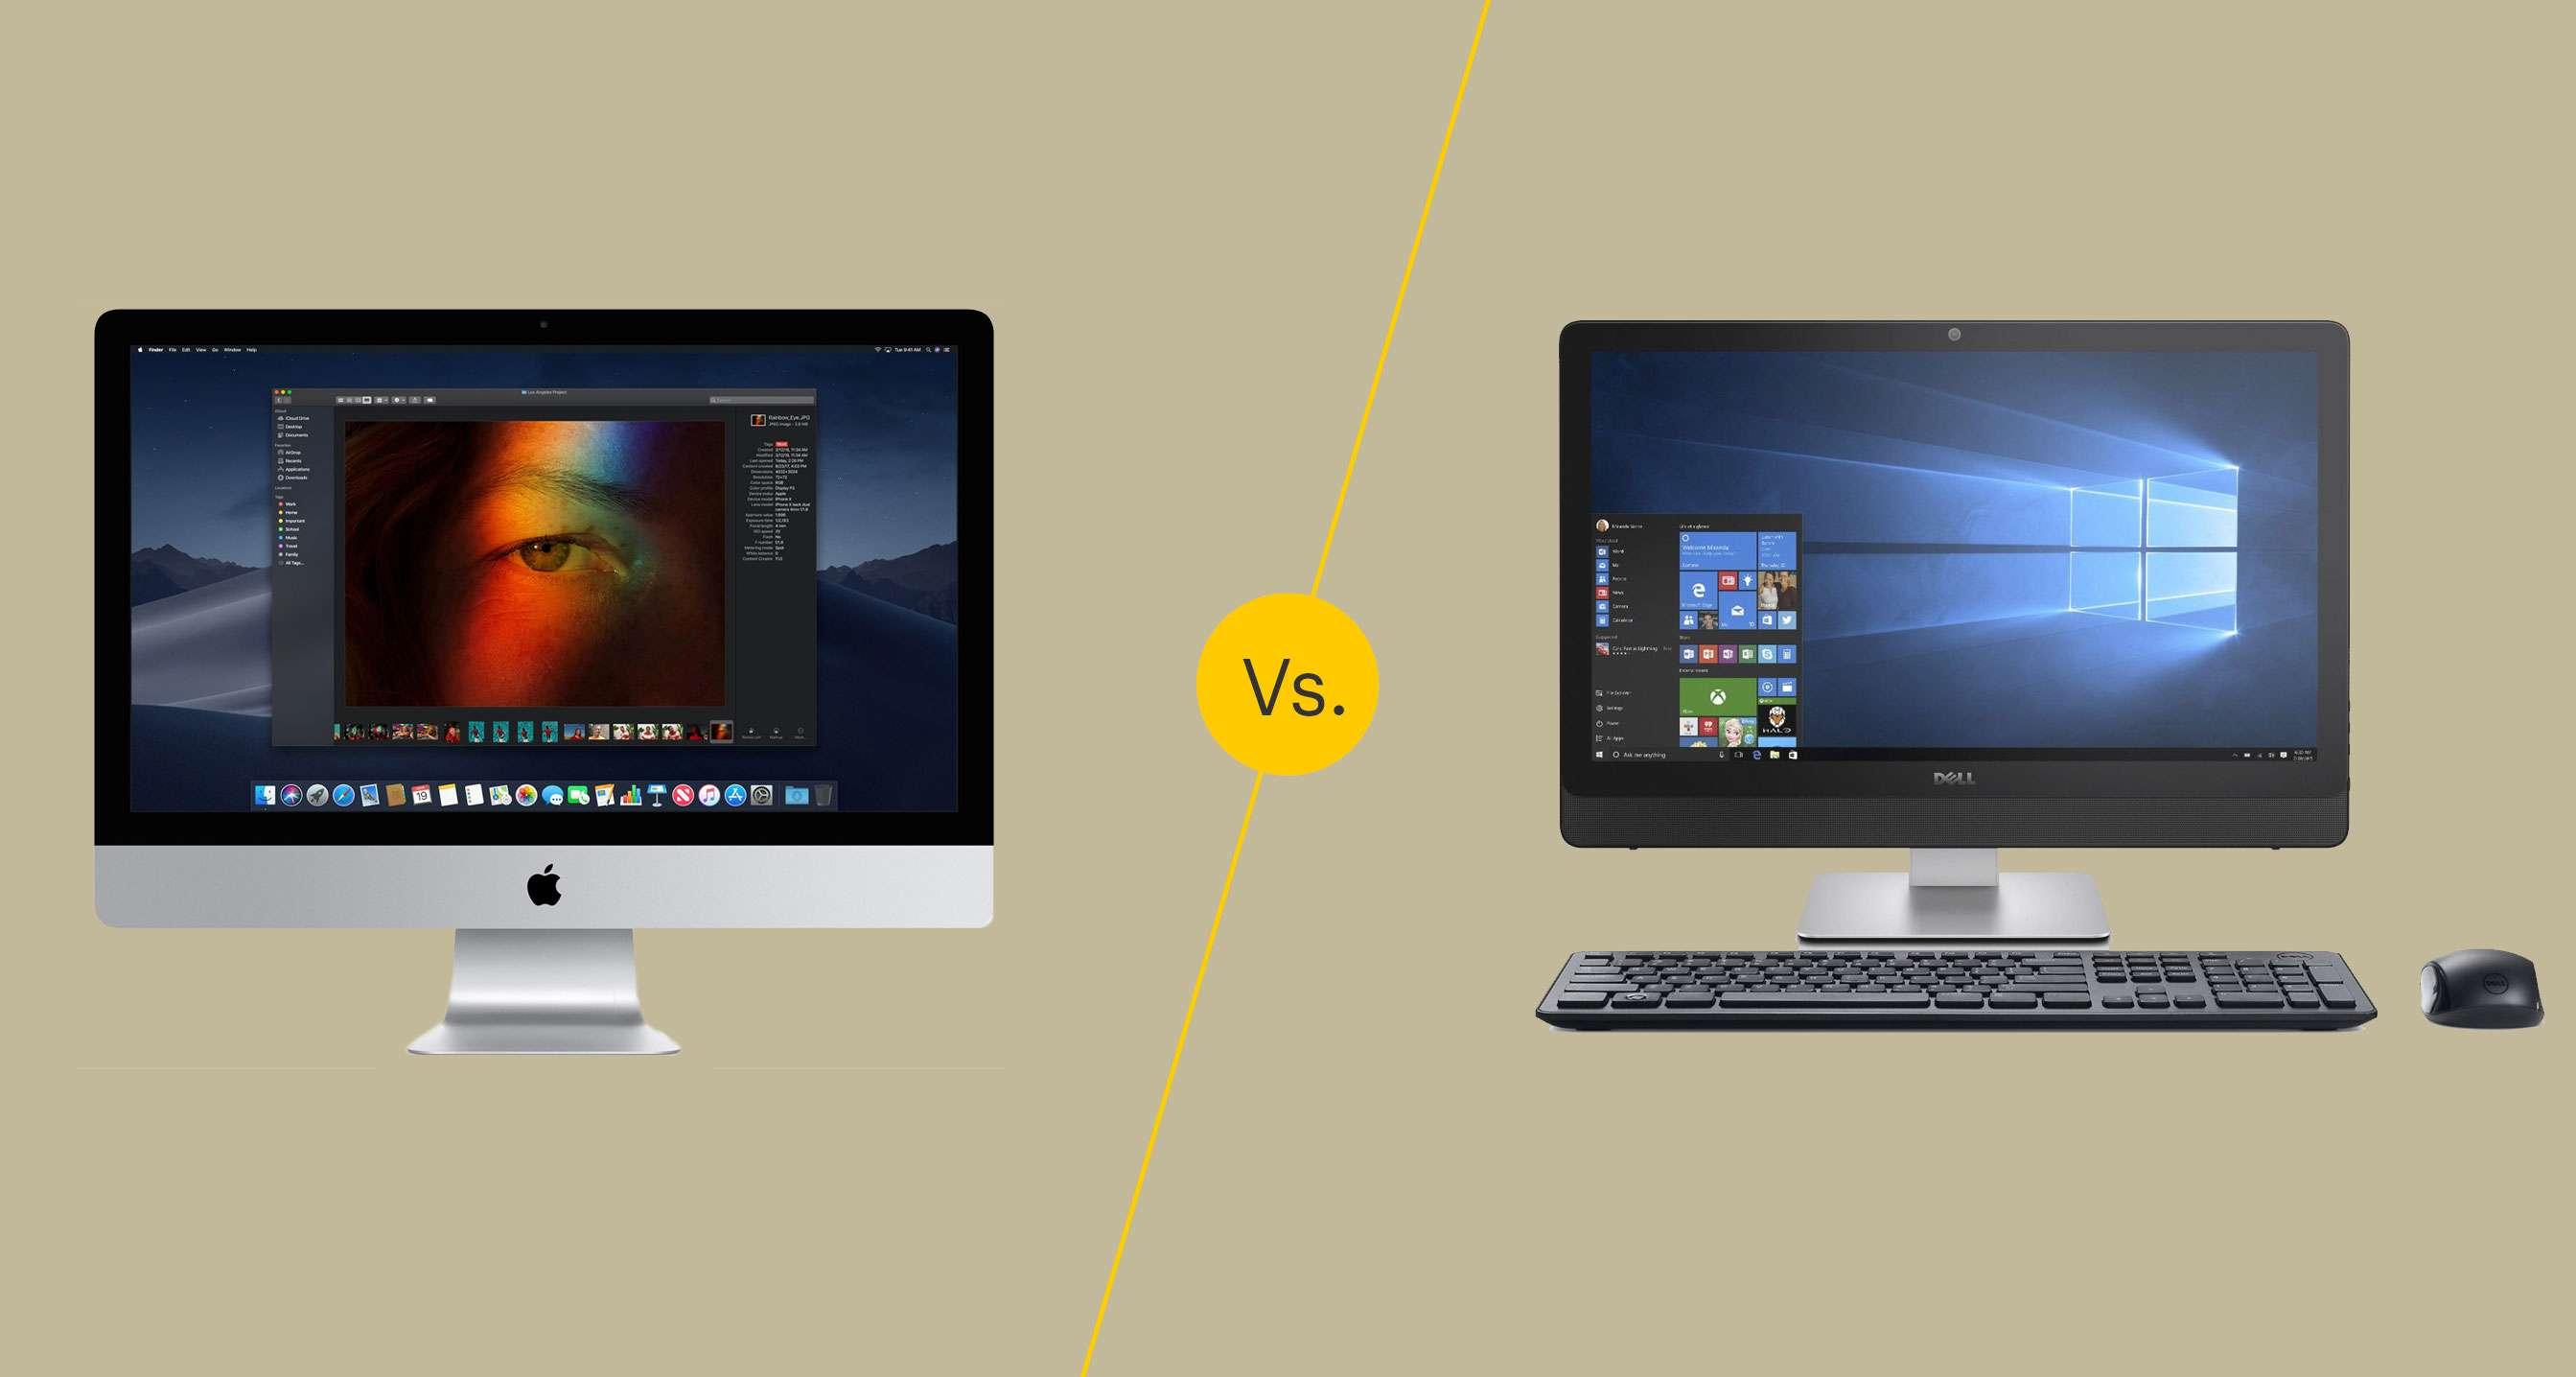 Mac Vs Pc For Graphic Design